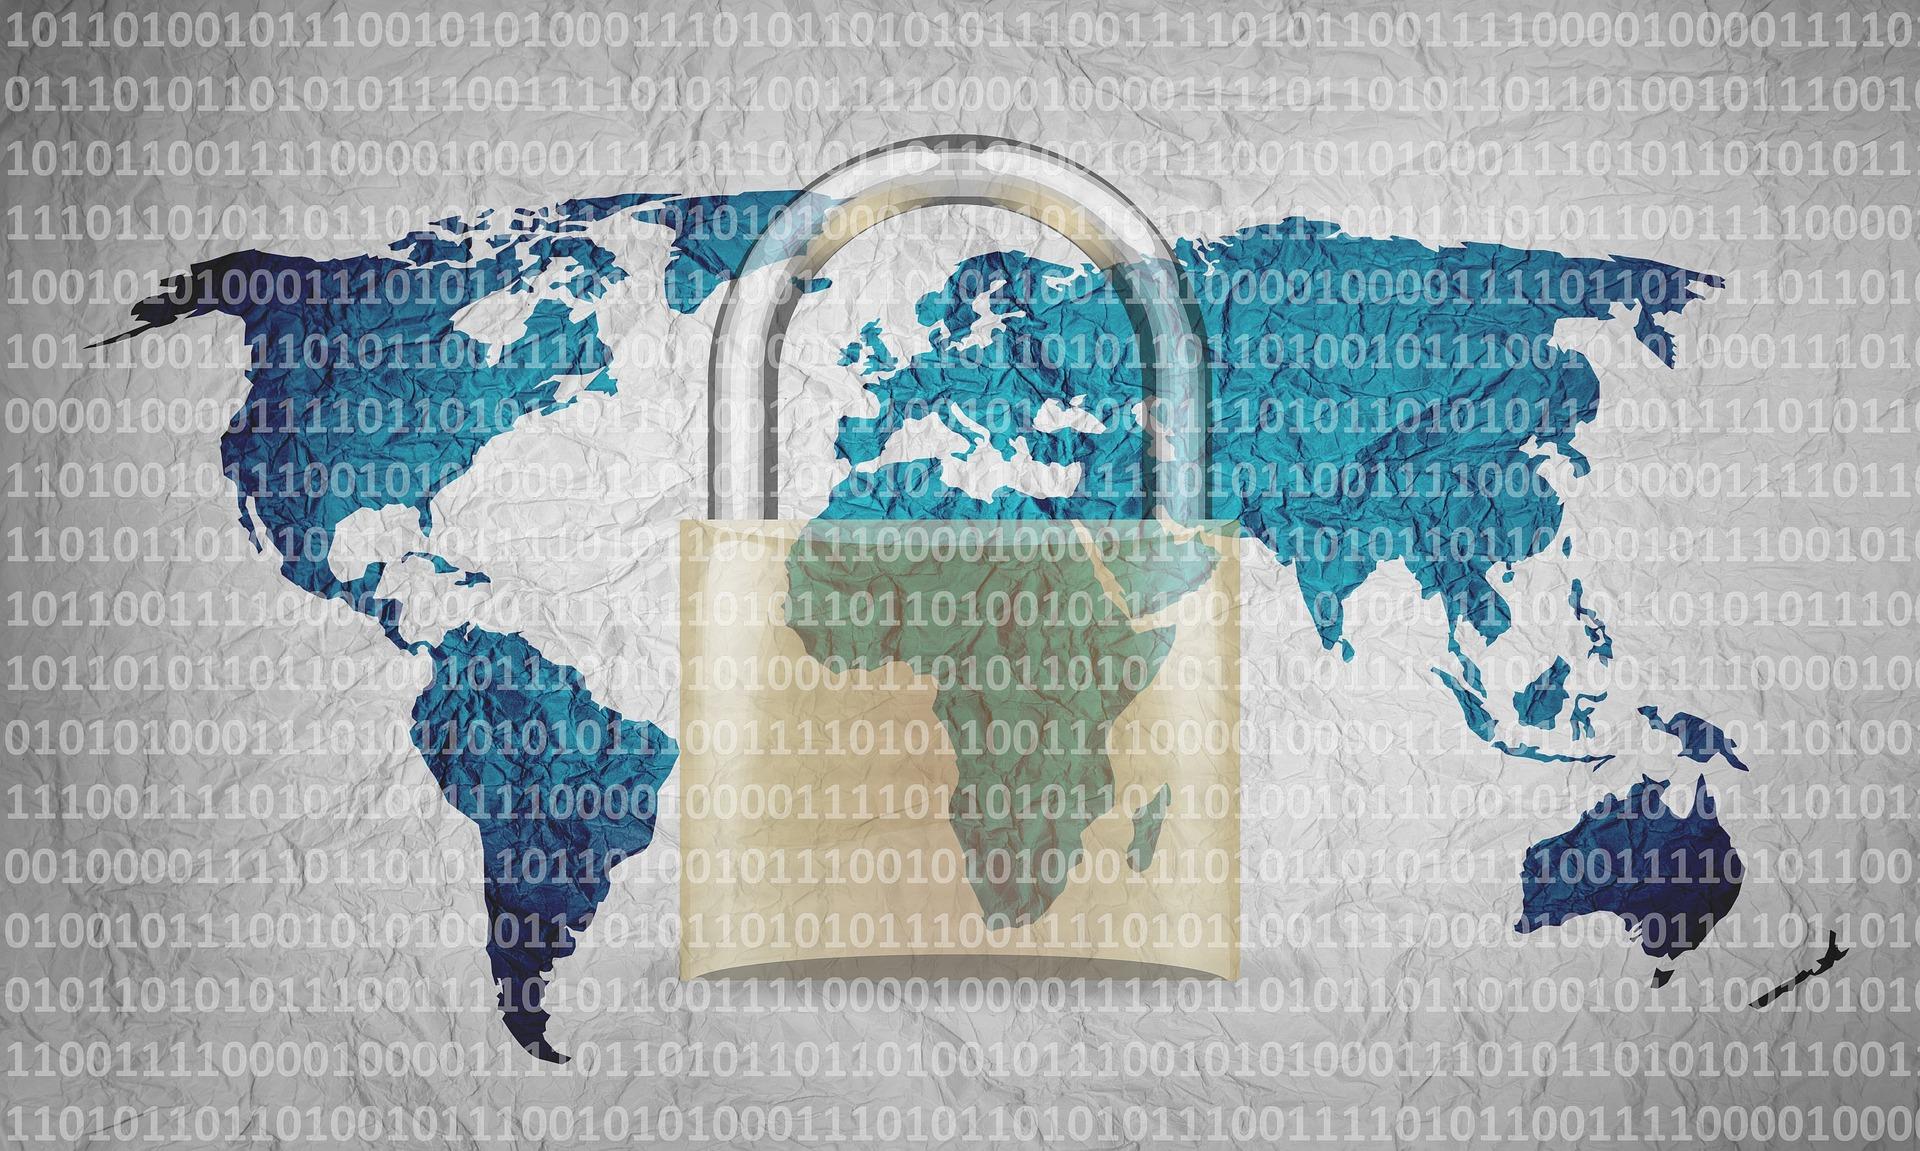 Ciberseguridad, qué esperar en 2021